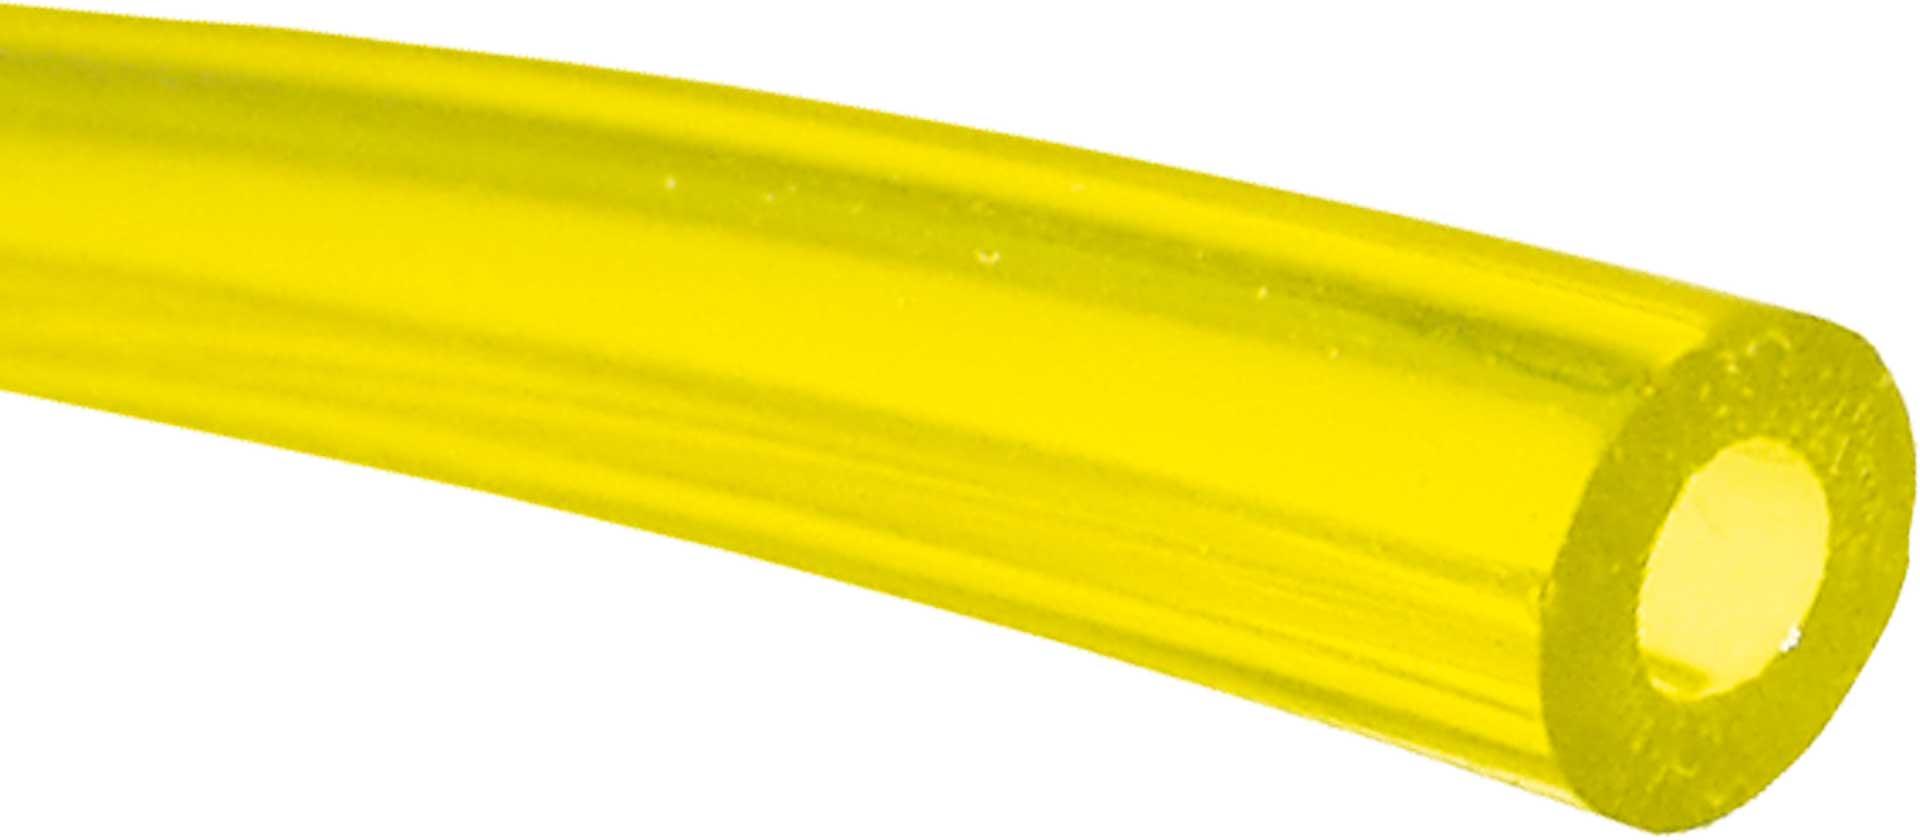 Robbe Modellsport TYGON © Benzinschlauch 3,2/6,4mm 15 Meter